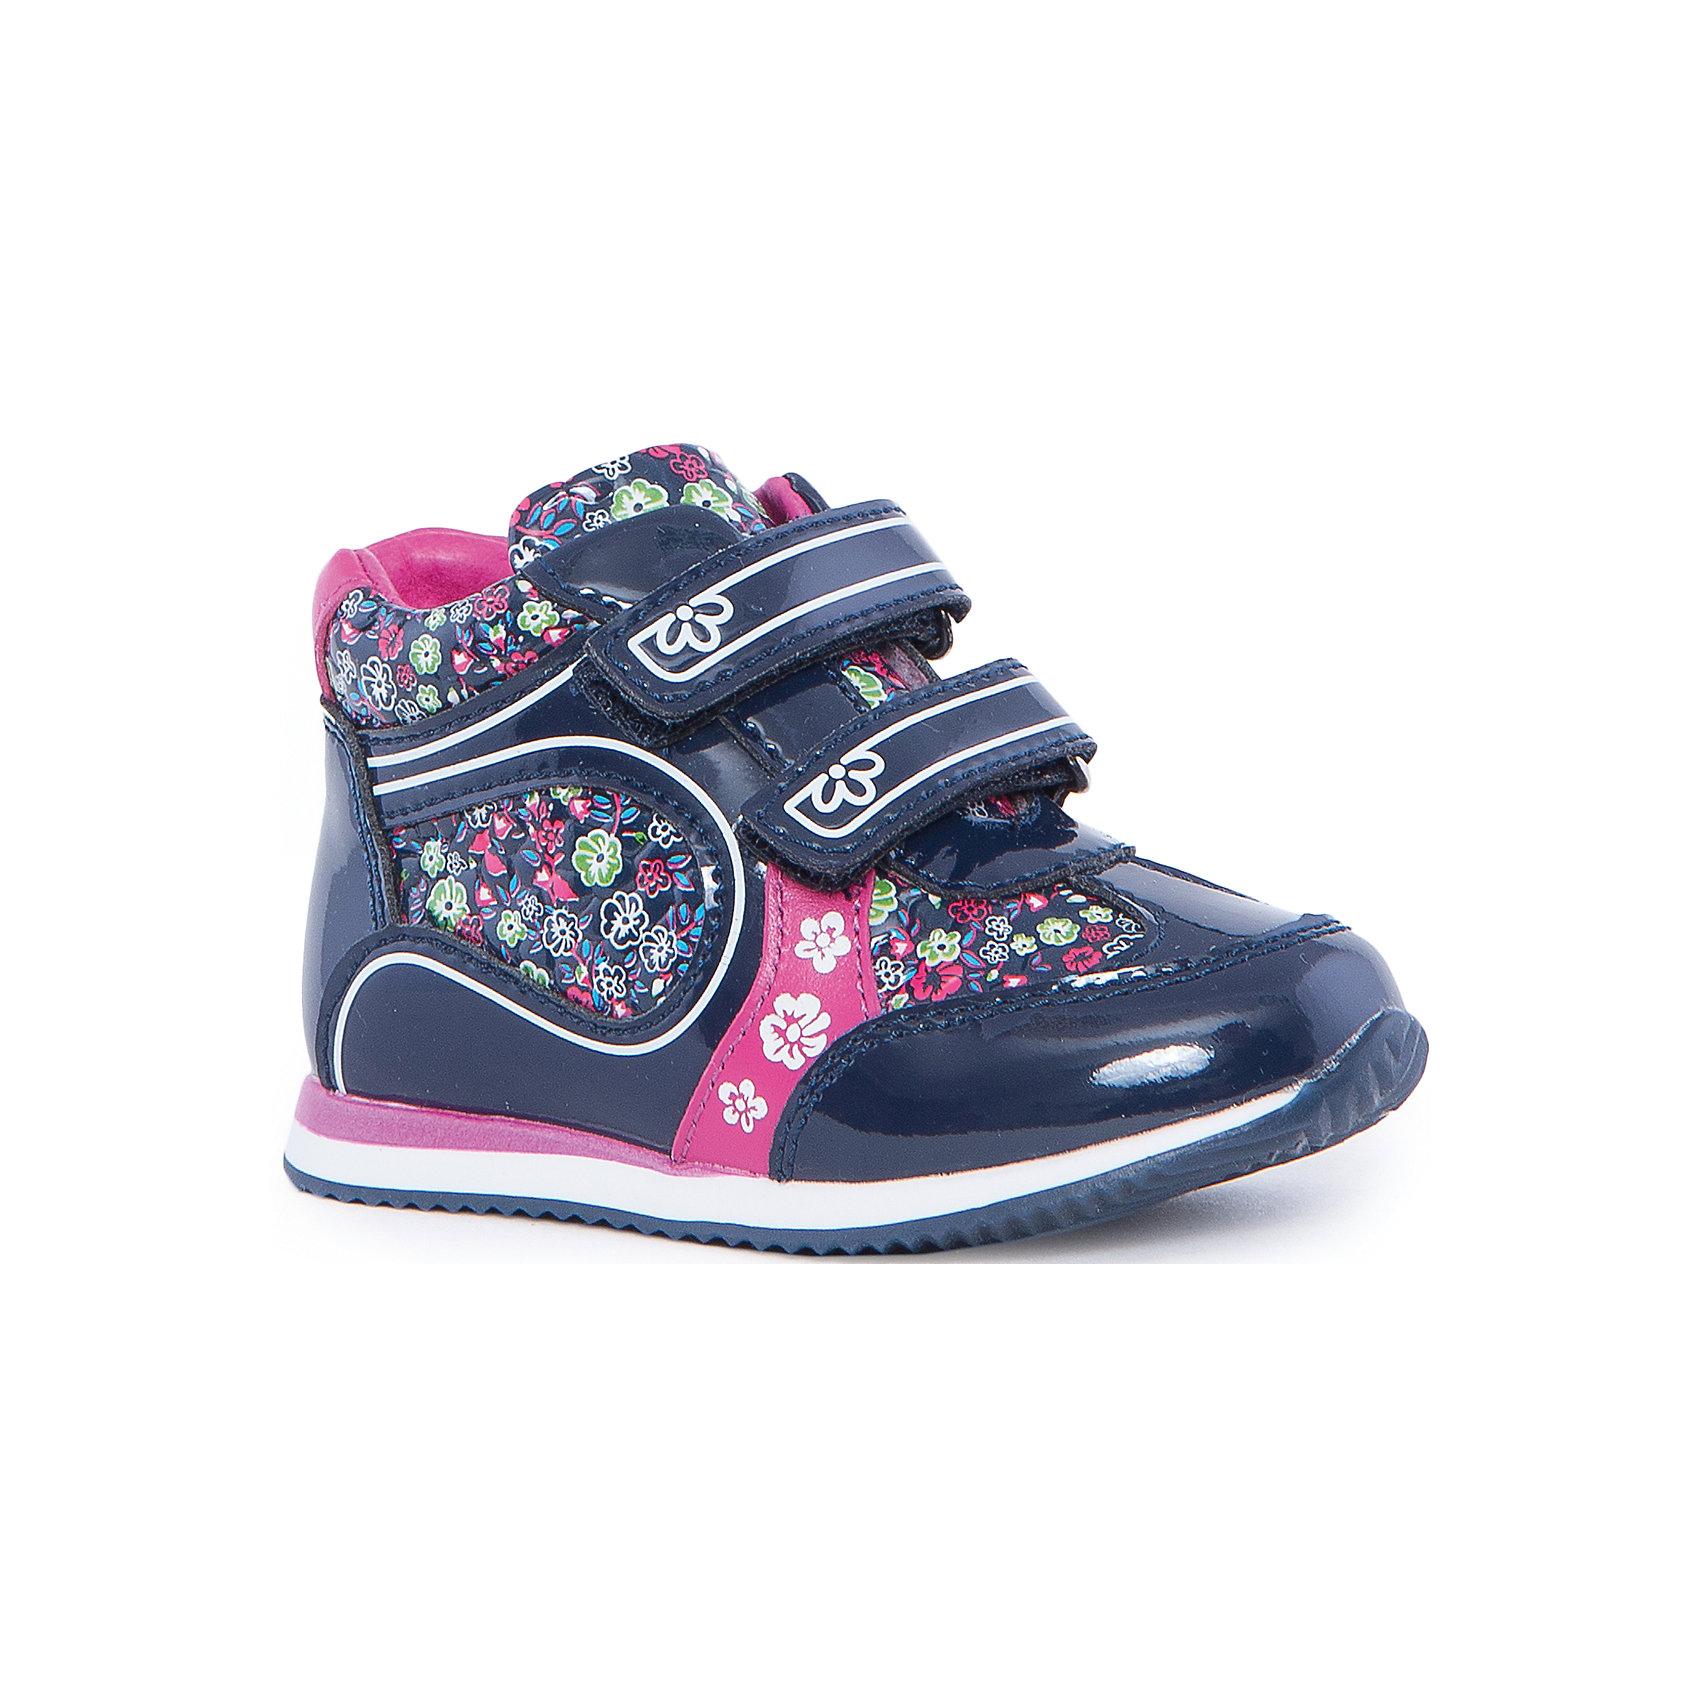 Ботинки для девочки KAPIKAОбувь для малышей<br>Ботинки для девочки KAPIKA – стиль, красота и тепло.<br>Красивые модные ботинки из натуральной кожи делают ходьбу комфортной и теплой. Ботинки сделаны с жестким задником и супинатором для правильного формирования ступни. Хорошо прилегают к ноге, закрепляясь двумя липучками. Цветастые узоры и лакированные вставки для особенных модниц. Подходят до +5 градусов.<br><br>Дополнительная информация:<br><br>- материал верха: натуральная кожа/искусственная кожа<br>- цвет: синий<br><br>Ботинки для девочки KAPIKA можно купить в нашем интернет магазине.<br><br>Ширина мм: 262<br>Глубина мм: 176<br>Высота мм: 97<br>Вес г: 427<br>Цвет: разноцветный<br>Возраст от месяцев: 12<br>Возраст до месяцев: 15<br>Пол: Женский<br>Возраст: Детский<br>Размер: 21,24,22,23<br>SKU: 4987990